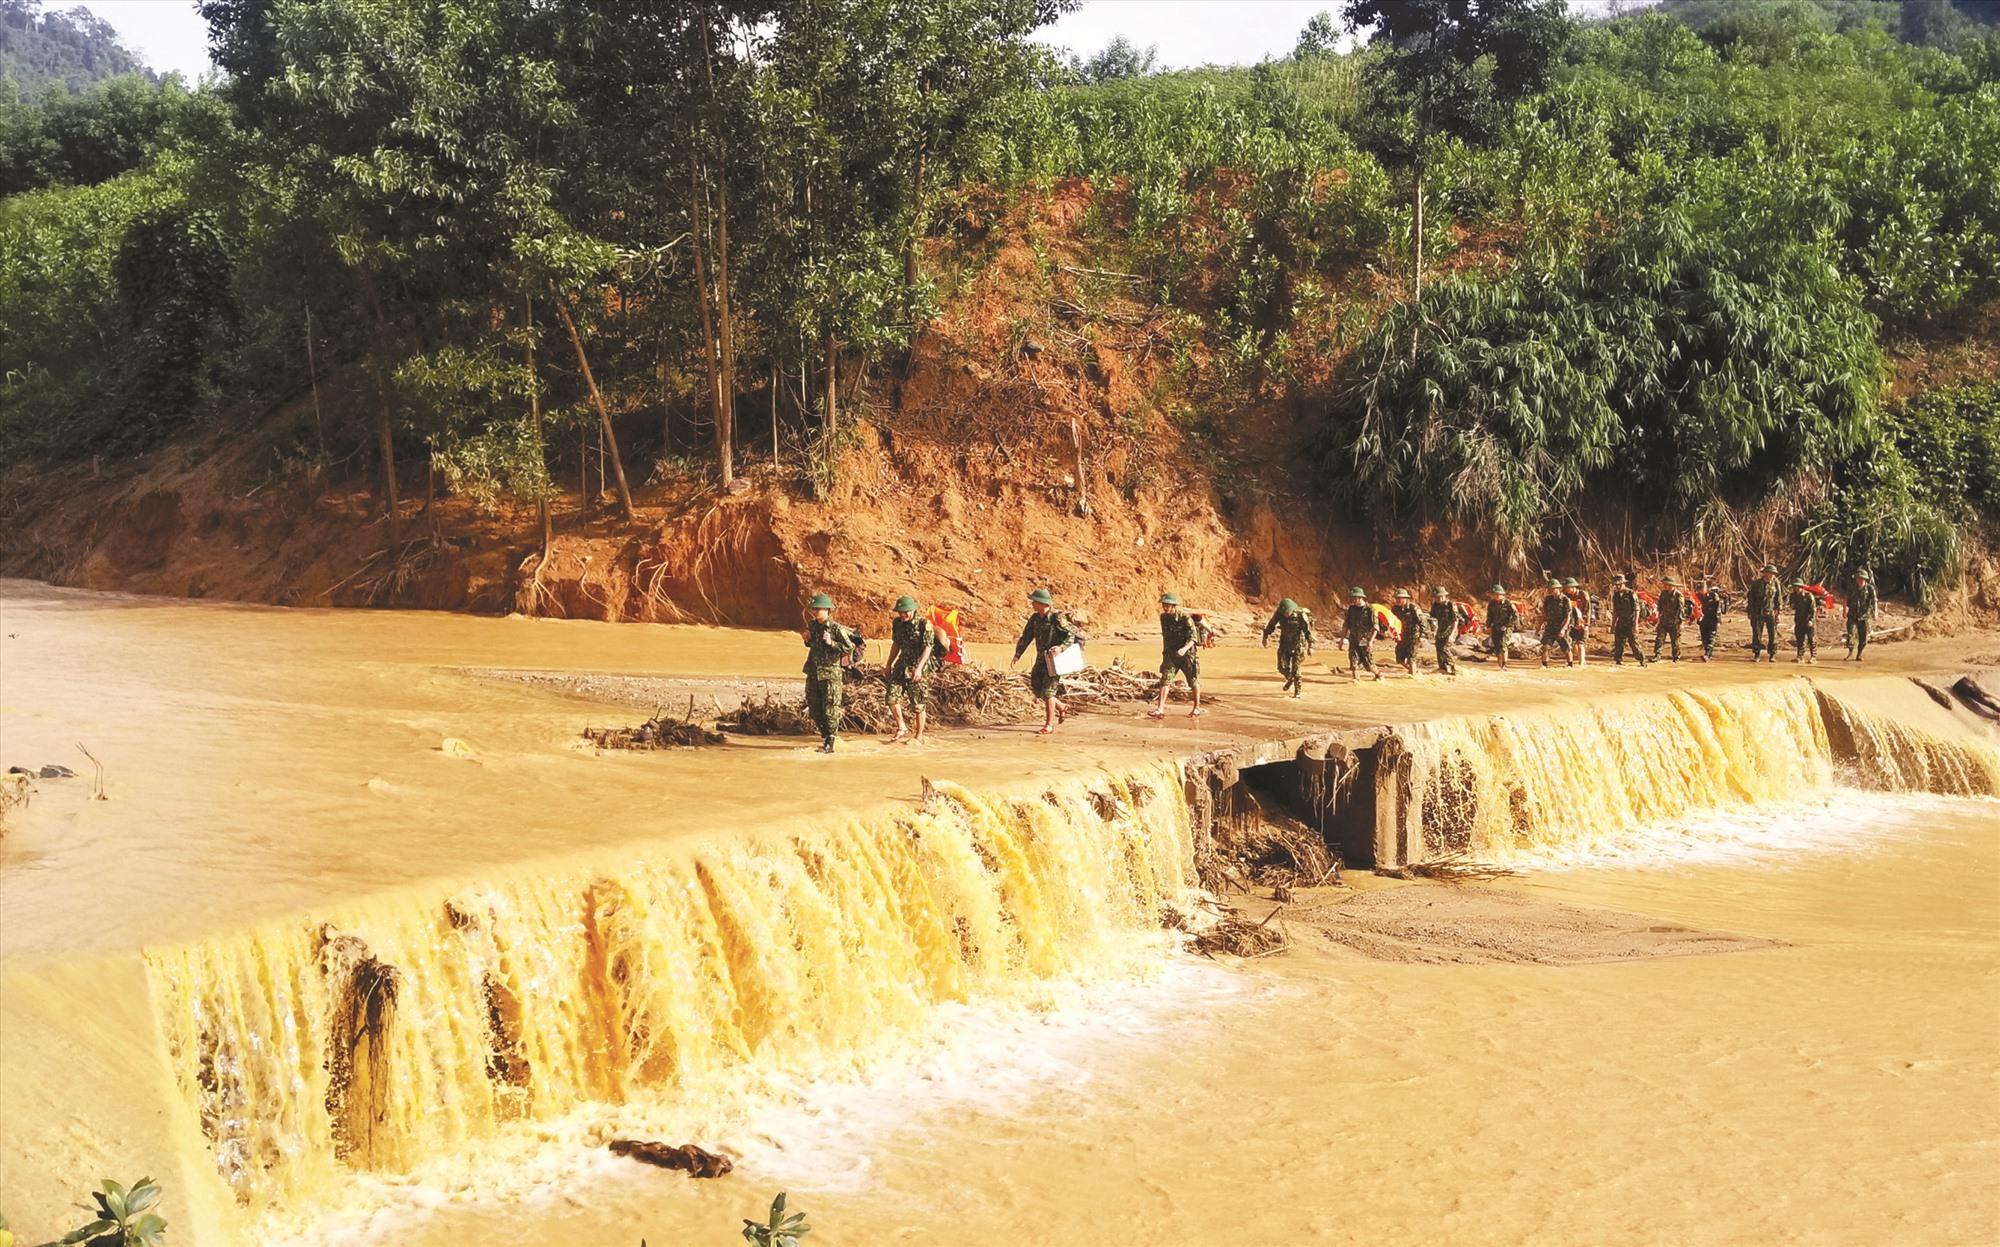 Bộ đội hành quân qua con suối dẫn vào xã Phước Công. Từ nơi này, phải mất hàng chục cây số đường rừng nữa mới tiếp cận được xã Phước Lộc.